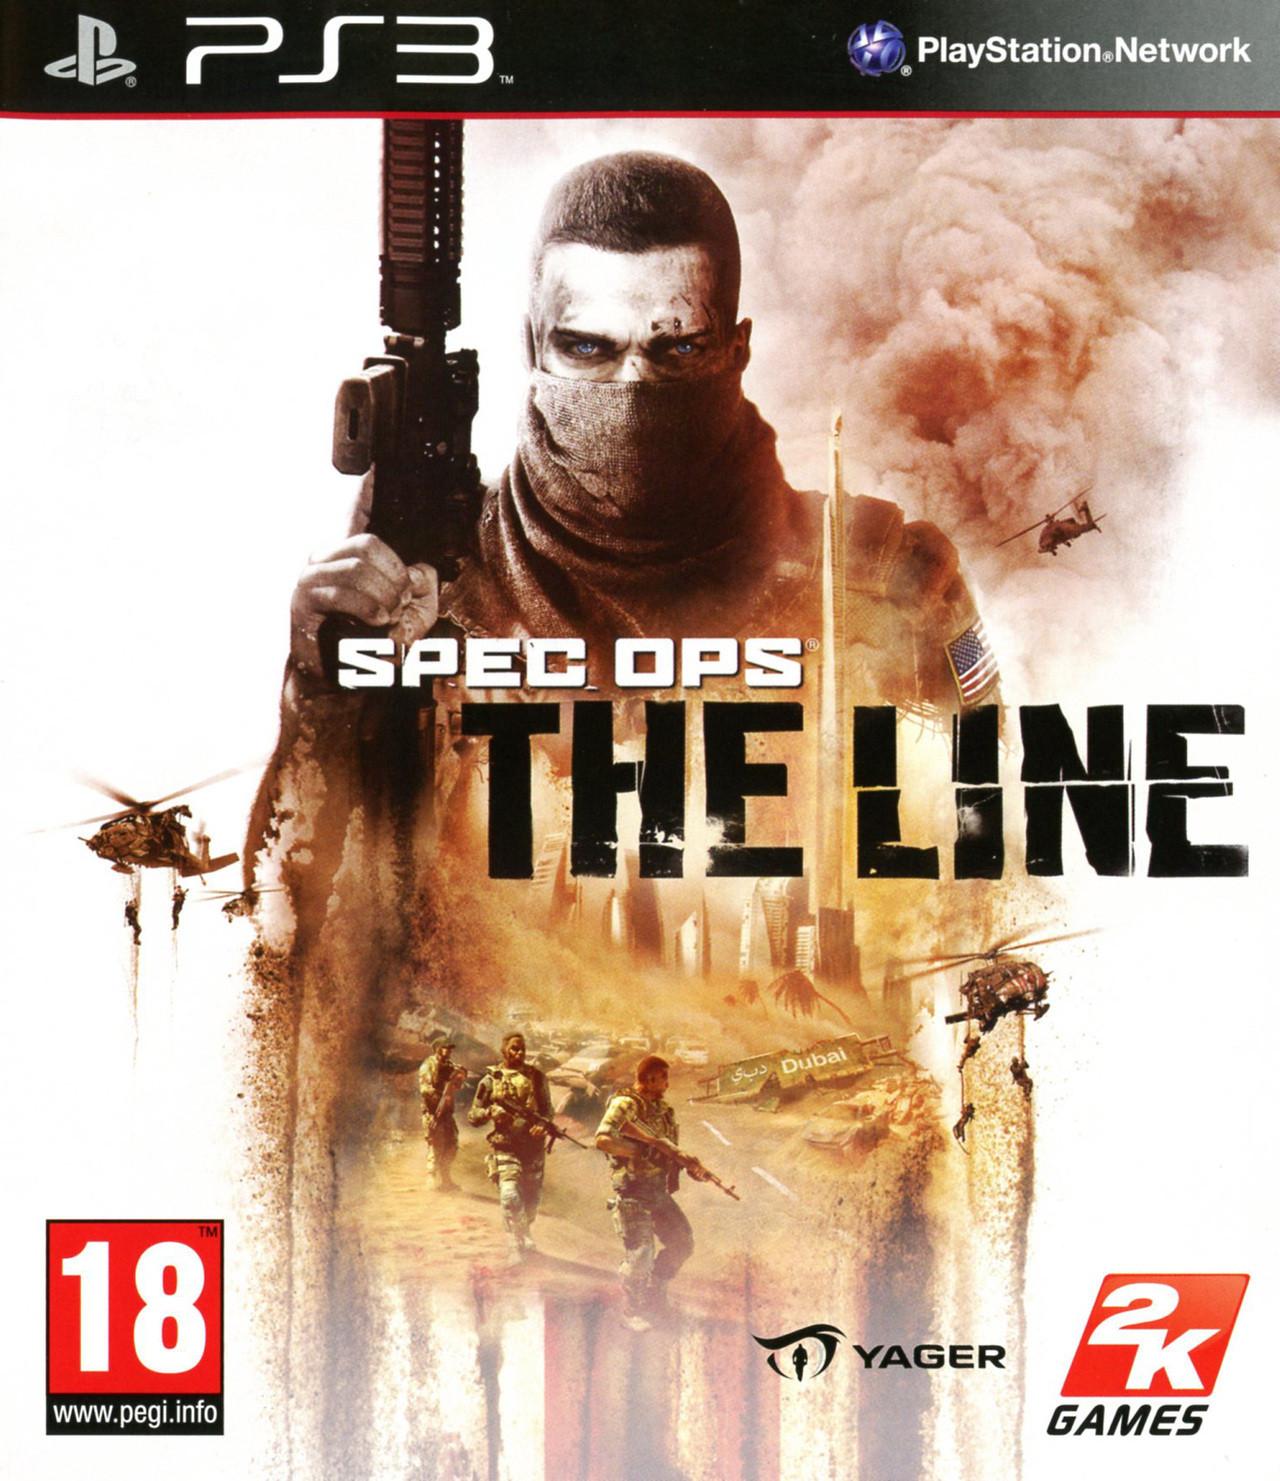 Spec Ops : The Line sur PlayStation 3 - jeuxvideo.com